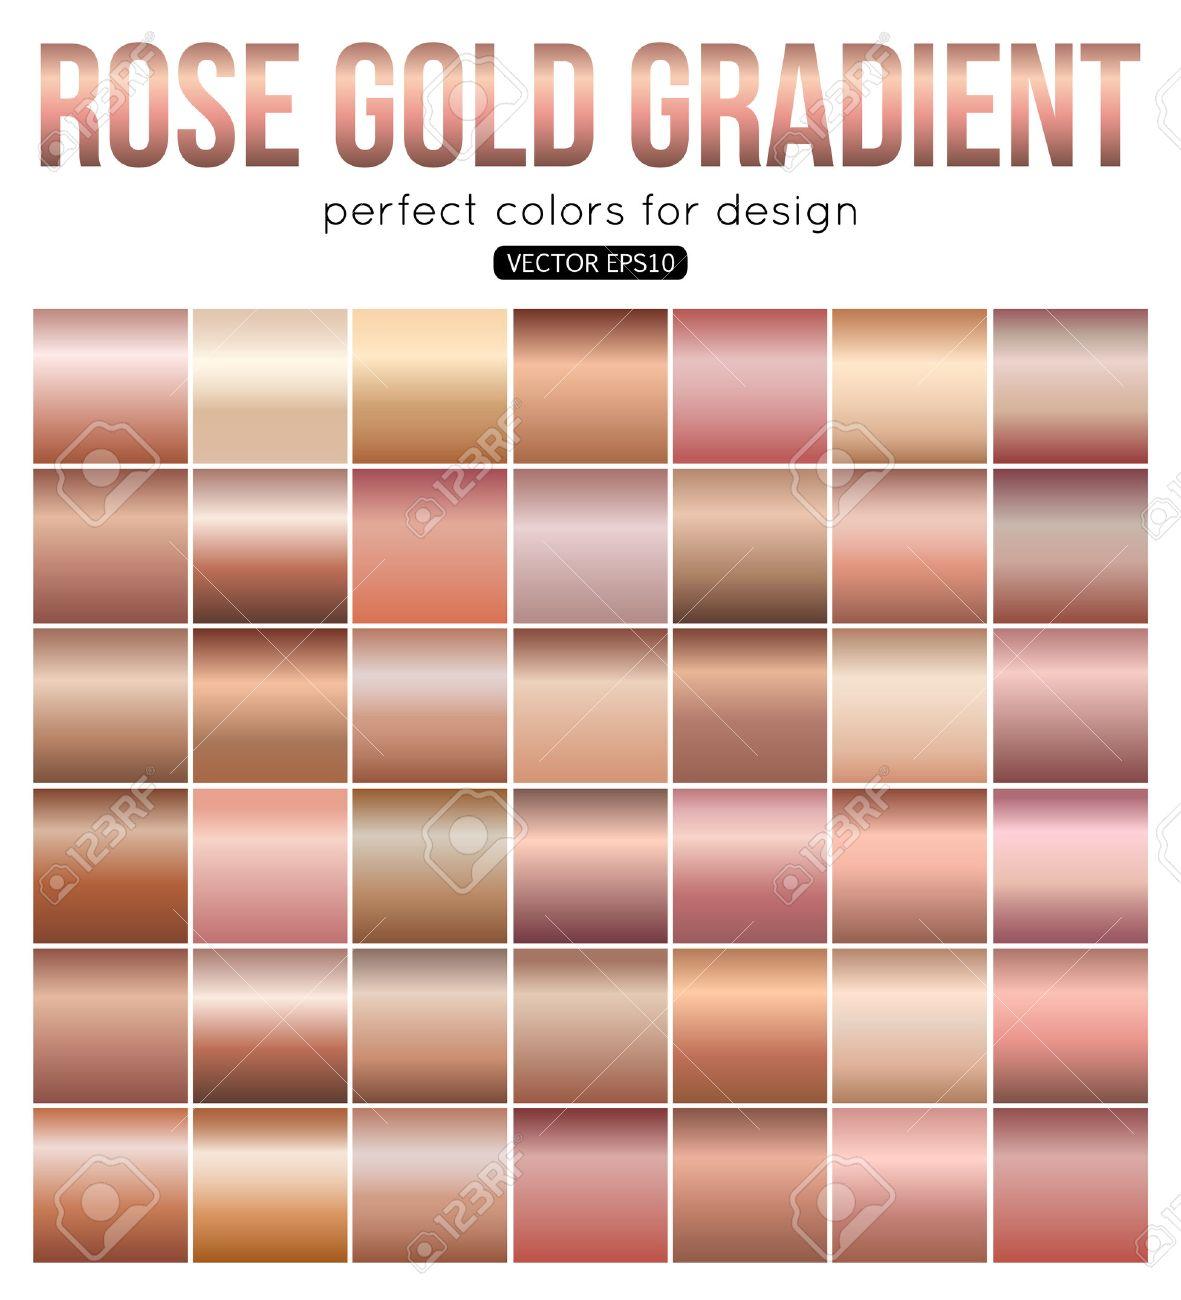 banque d images rose degrade des couleurs parfaites or pour la conception vector illustration